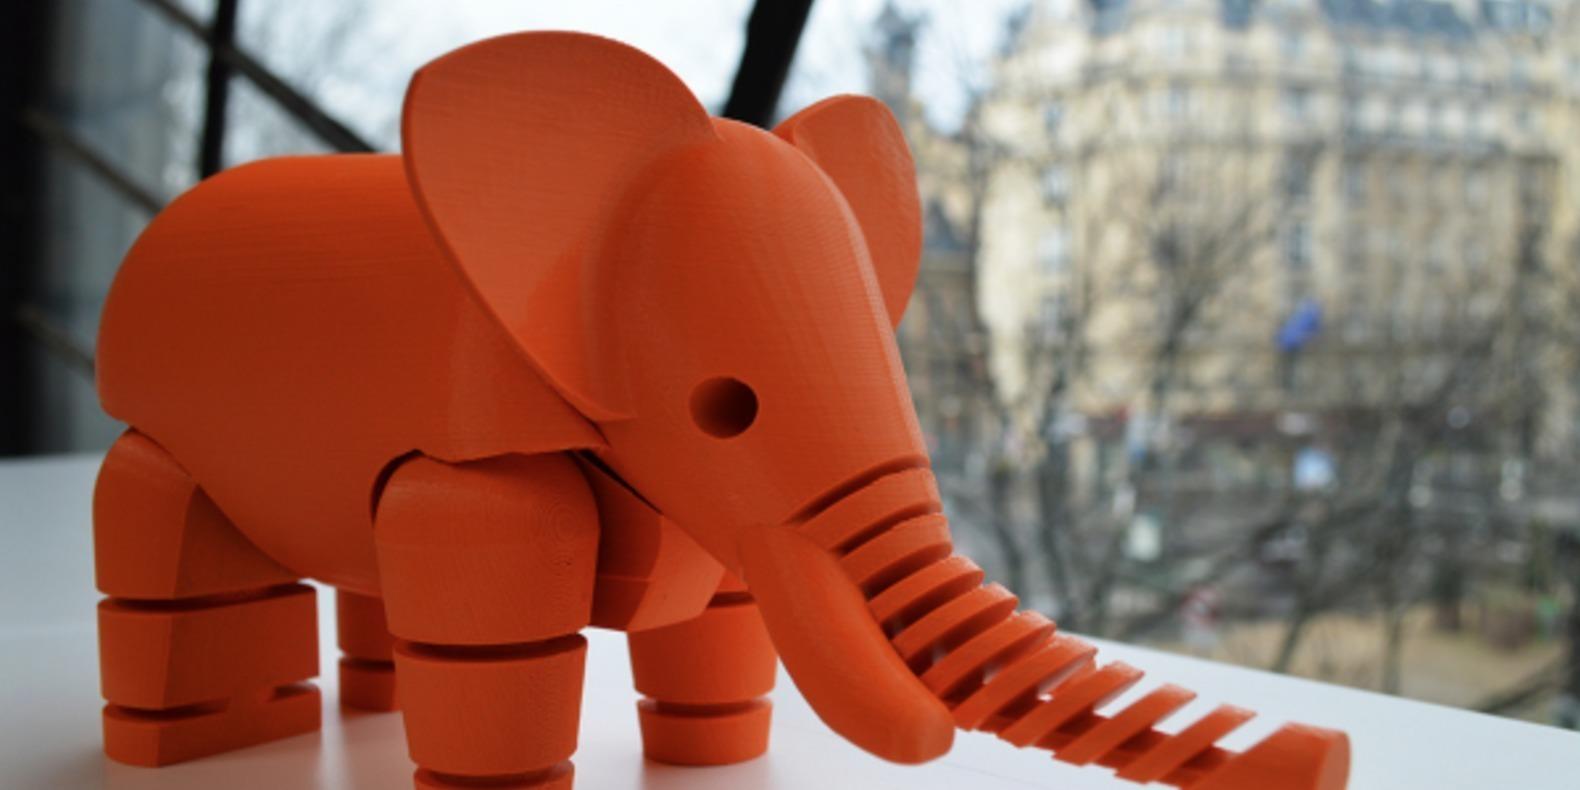 4.Elephant-leFabShop animaux imprimés en 3D Cults fichier 3D 3D model 3D printing